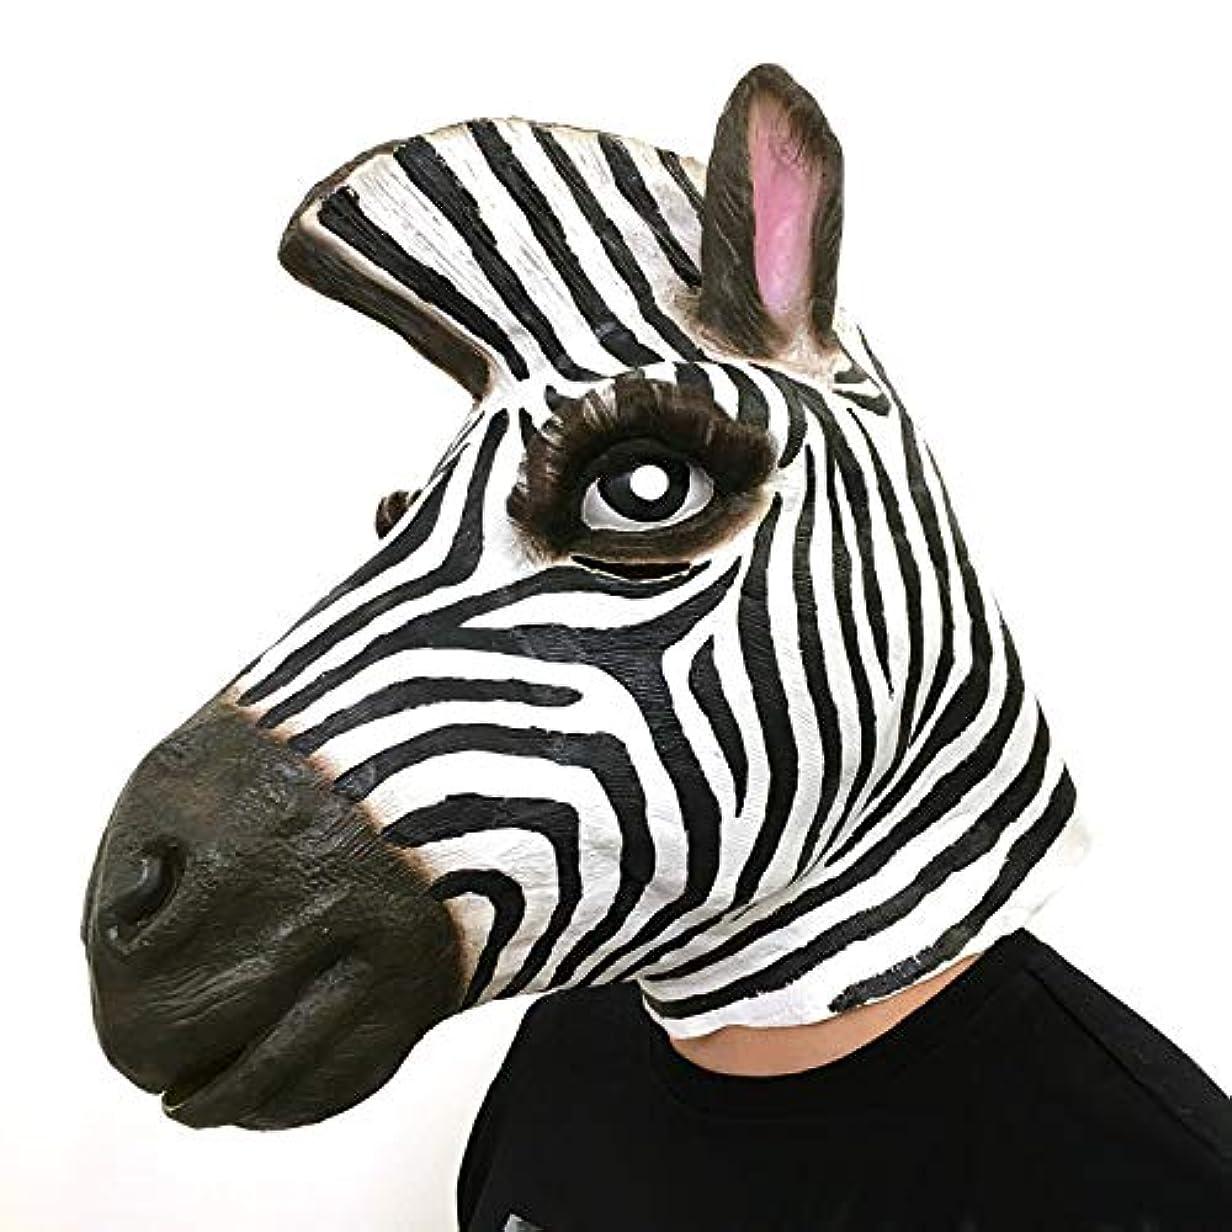 熟す火曜日完璧な馬のマスク、祭りやダンスパーティーのための馬の頭おかしい動物マスクコレクションハロウィンコスチューム